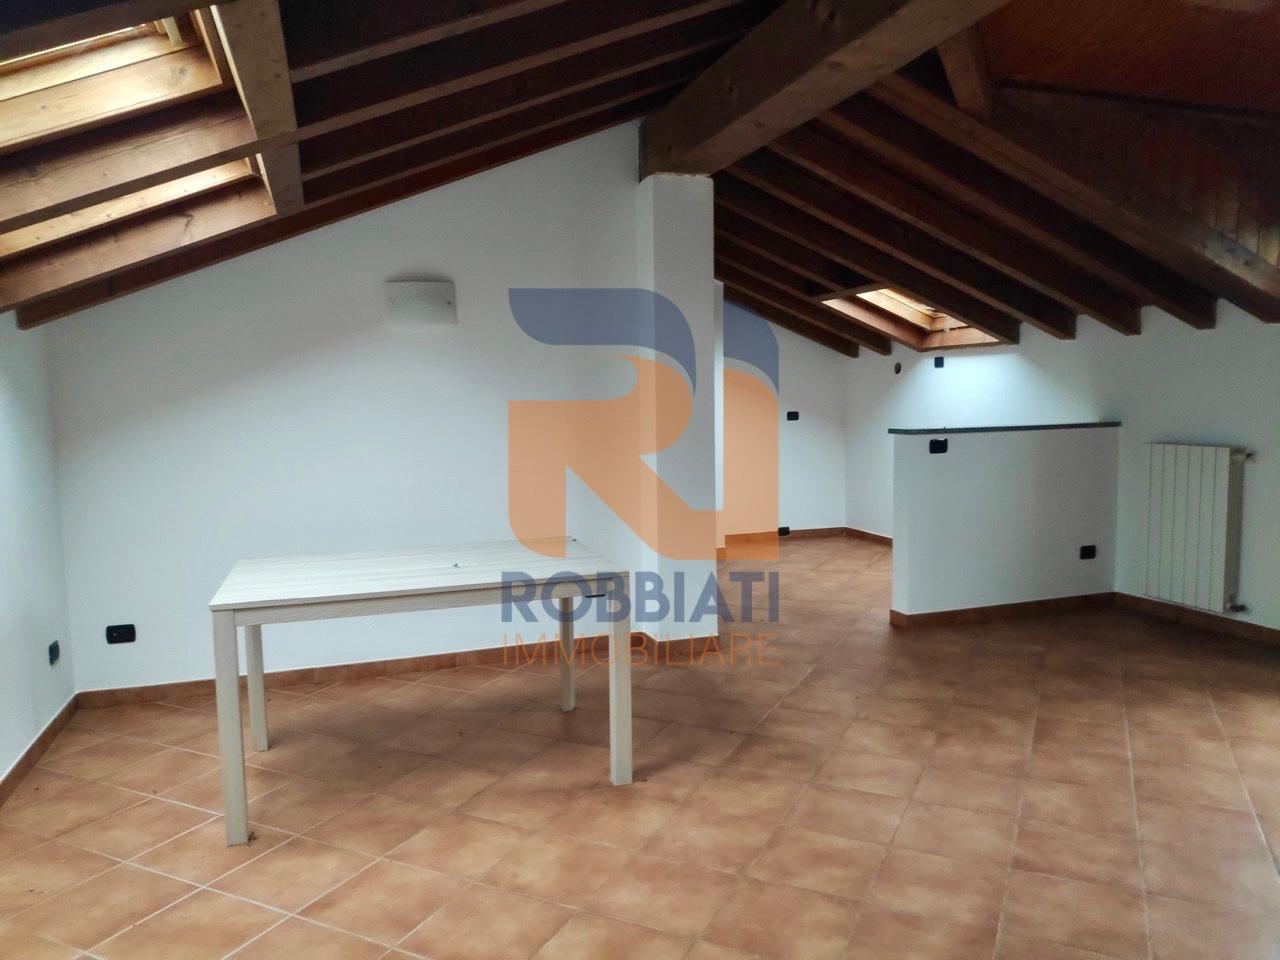 Appartamento in vendita a Castelletto di Branduzzo, 3 locali, prezzo € 42.000 | PortaleAgenzieImmobiliari.it